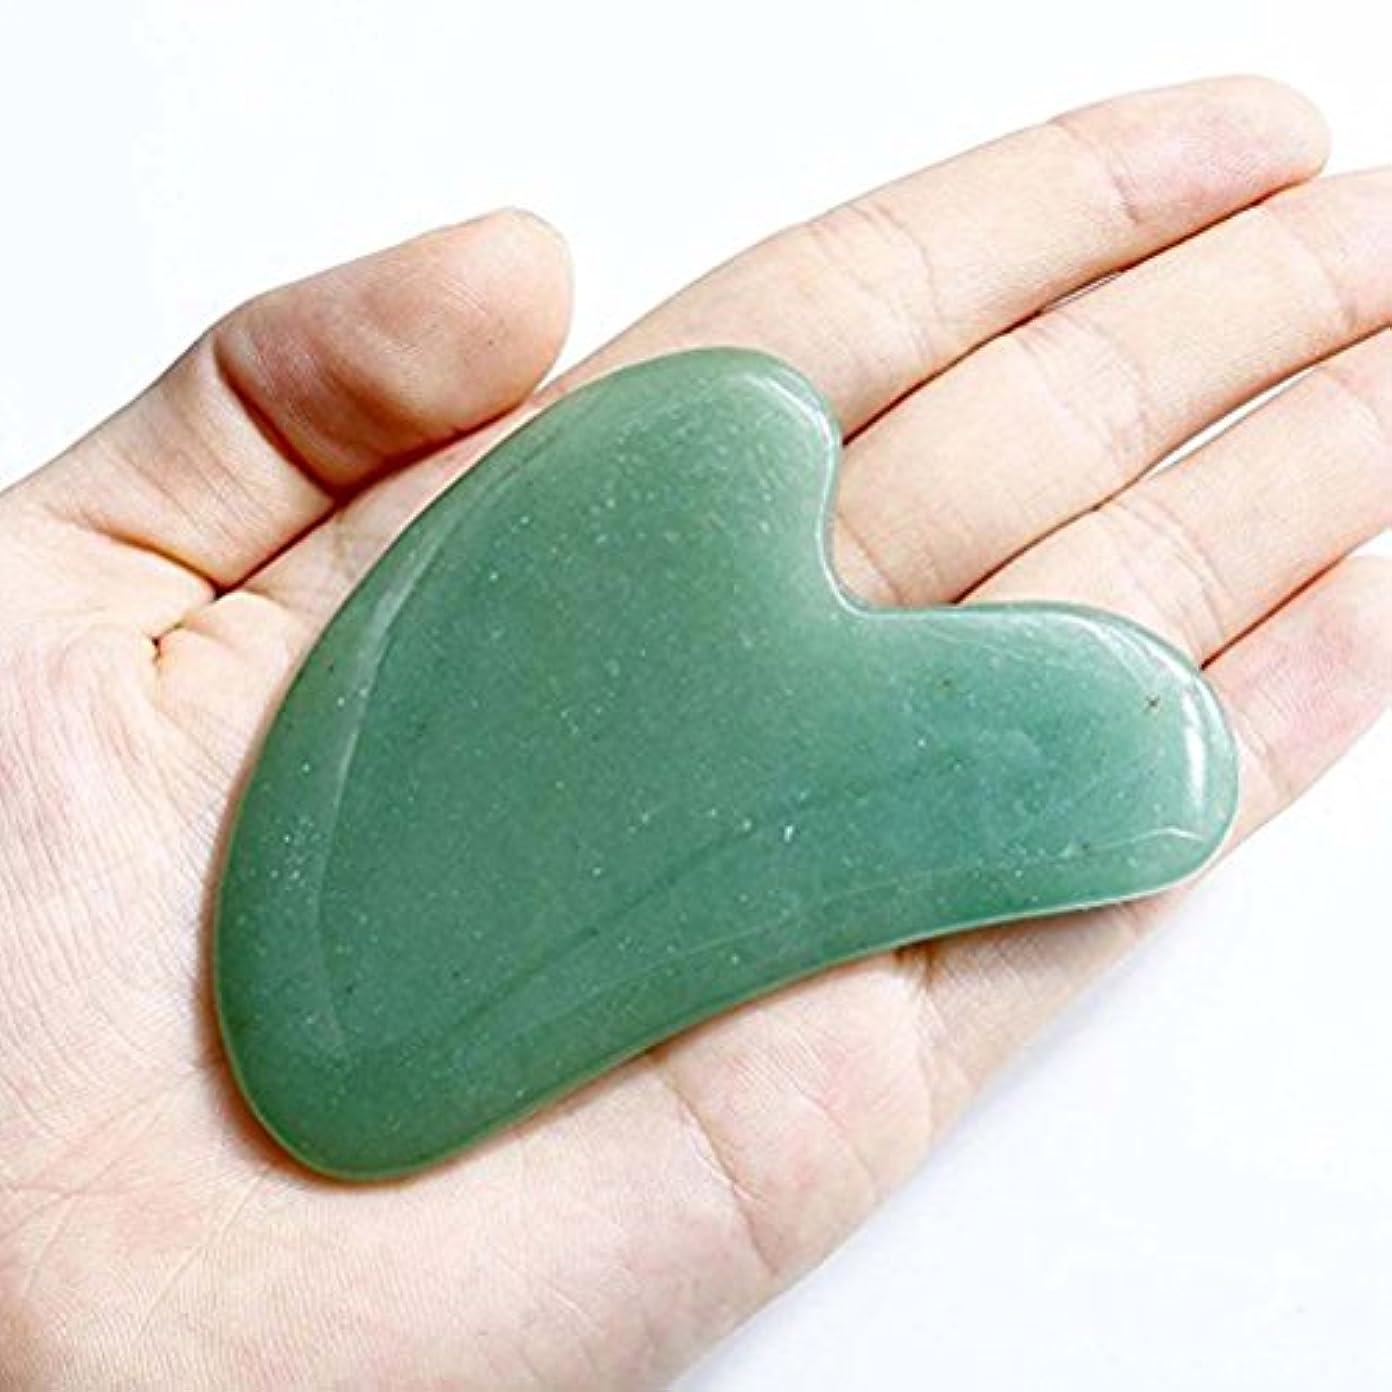 透過性コーンウォールクルーEcho & Kern Face / Body Massage Green Aventurine heart shape ハート形状かっさプレート 天然石 翡翠色(顔?ボディのリンパマッサージ) (かっさプレートH)